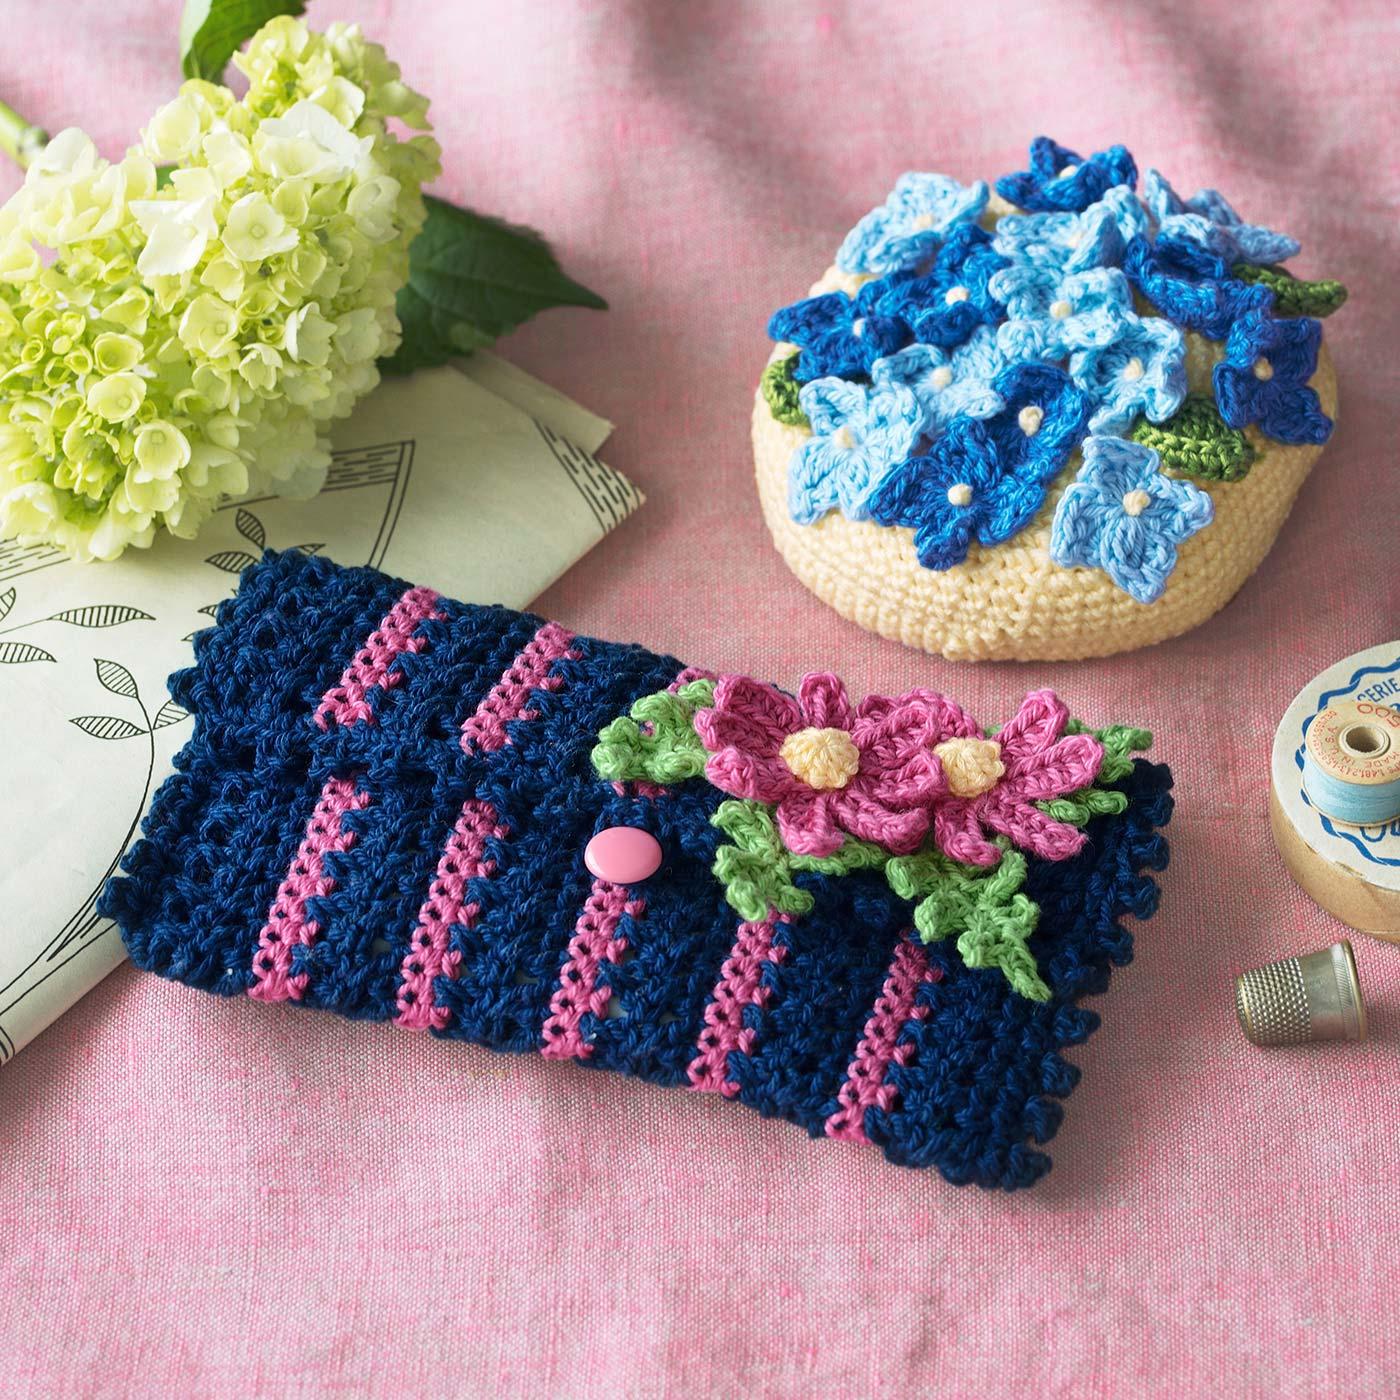 フェリシモ 花言葉でしあわせを持ち歩こう かぎ針編みお花モチーフのポーチの会【定期便】